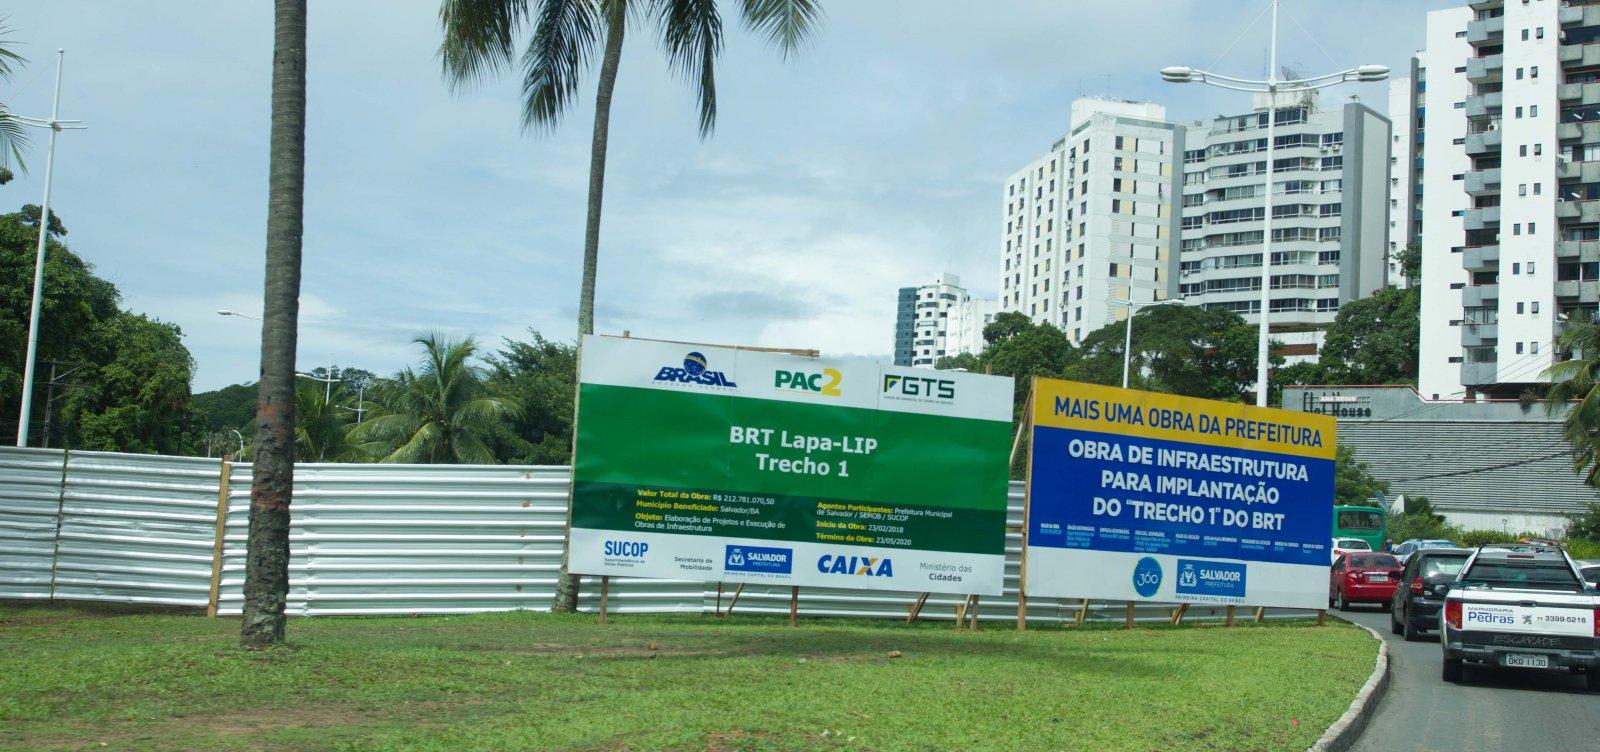 [Liminar libera intervenções ambientais nas obras do BRT]